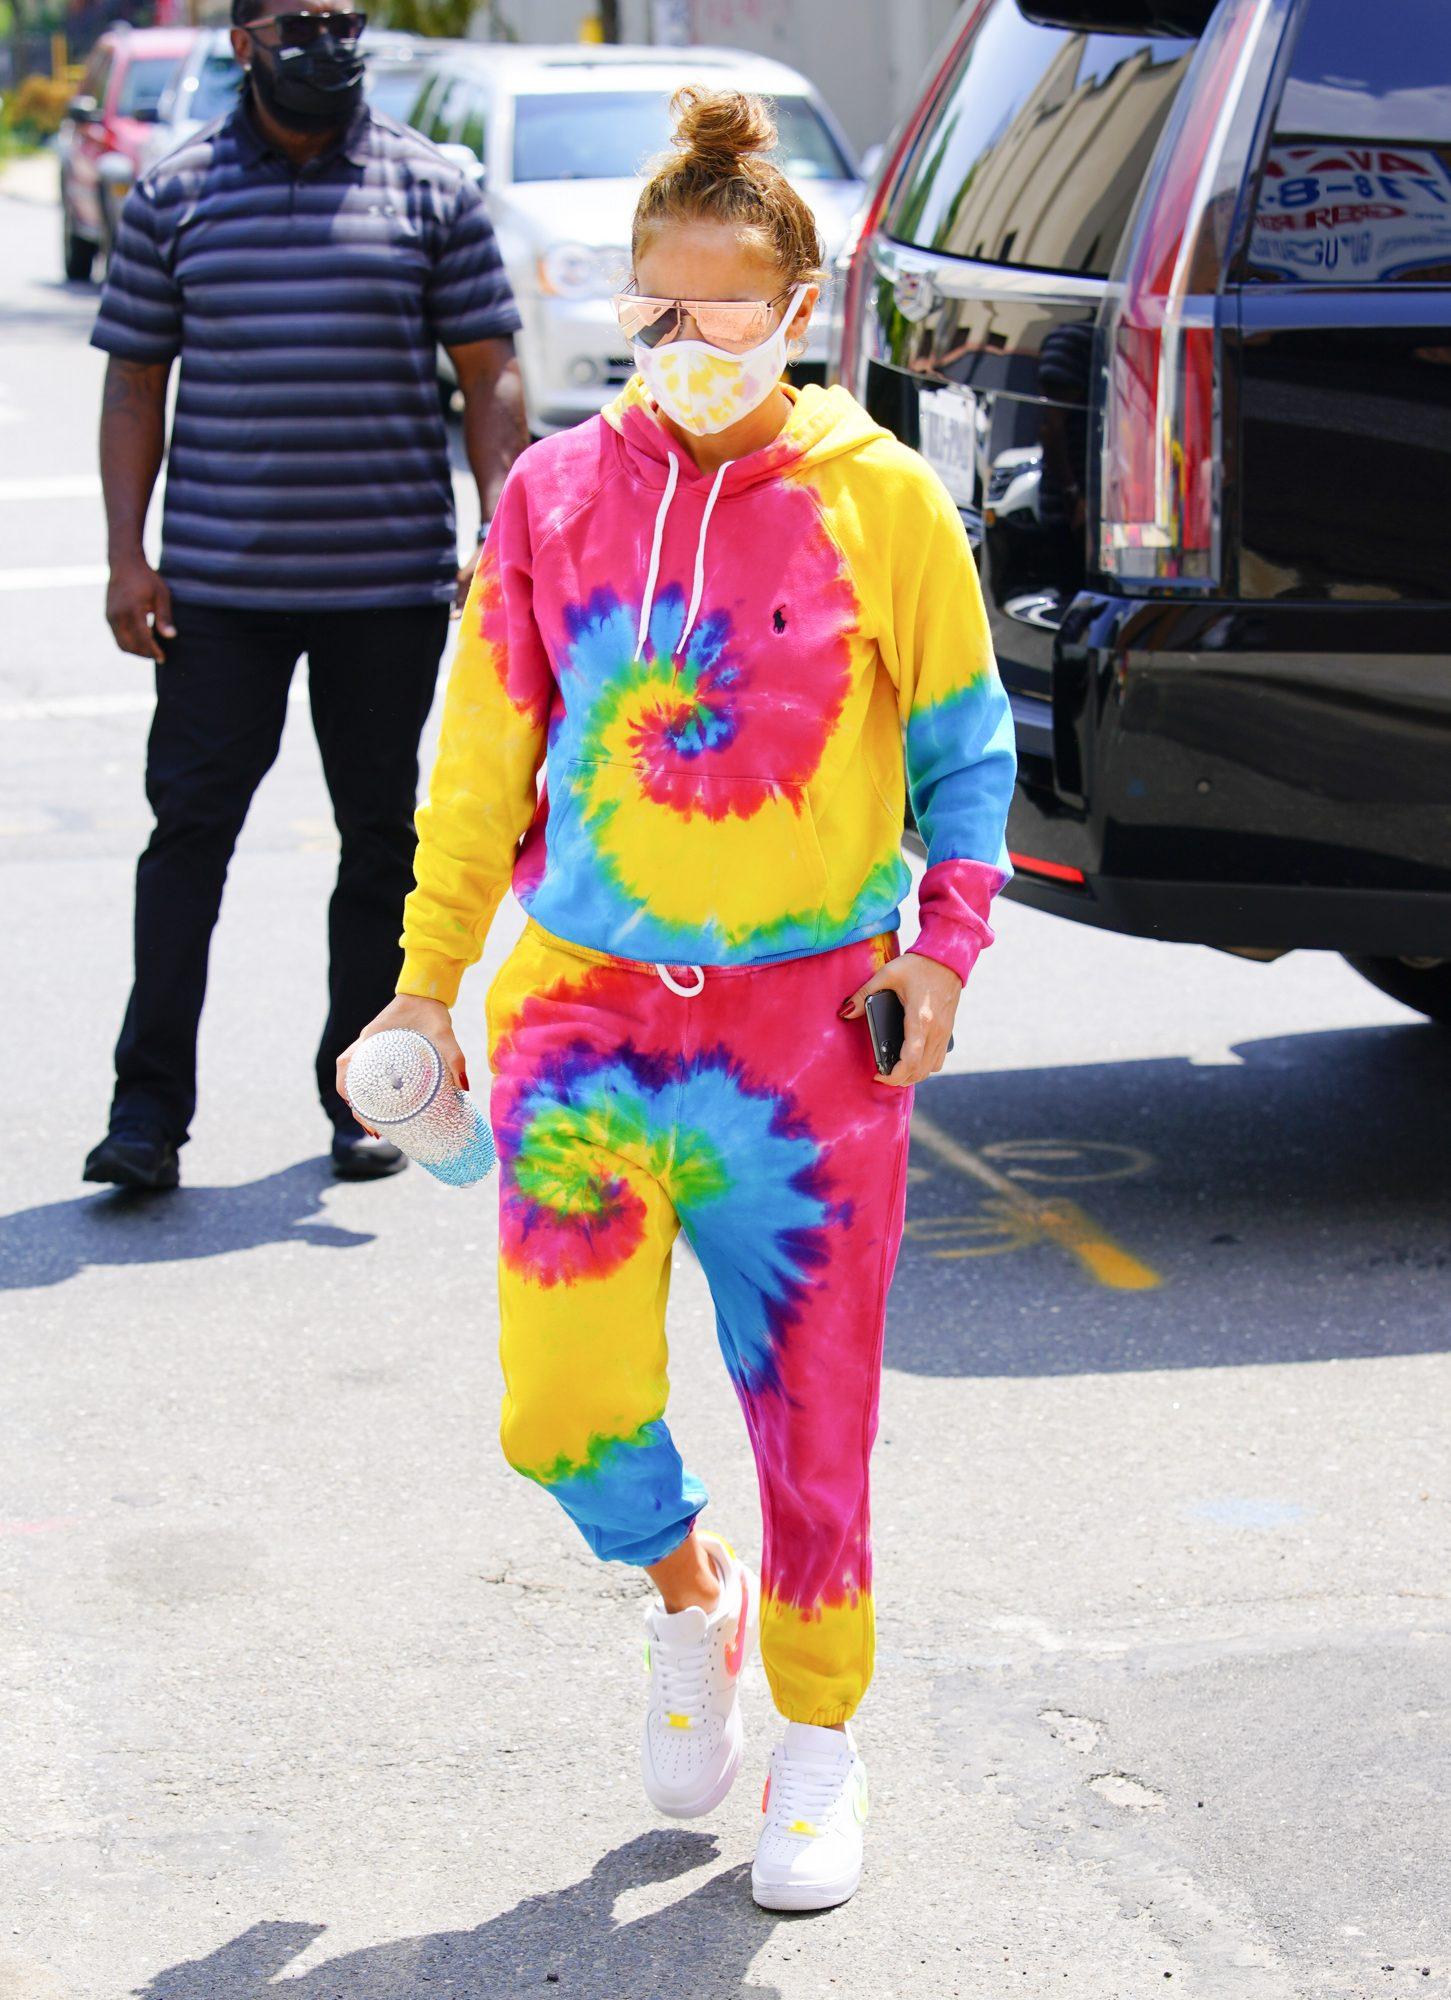 Otra que ha sucumbido a la moda del Tie-Dye es la diva del Bronx con este outfit que parece salido de un video musical de J Balvin.